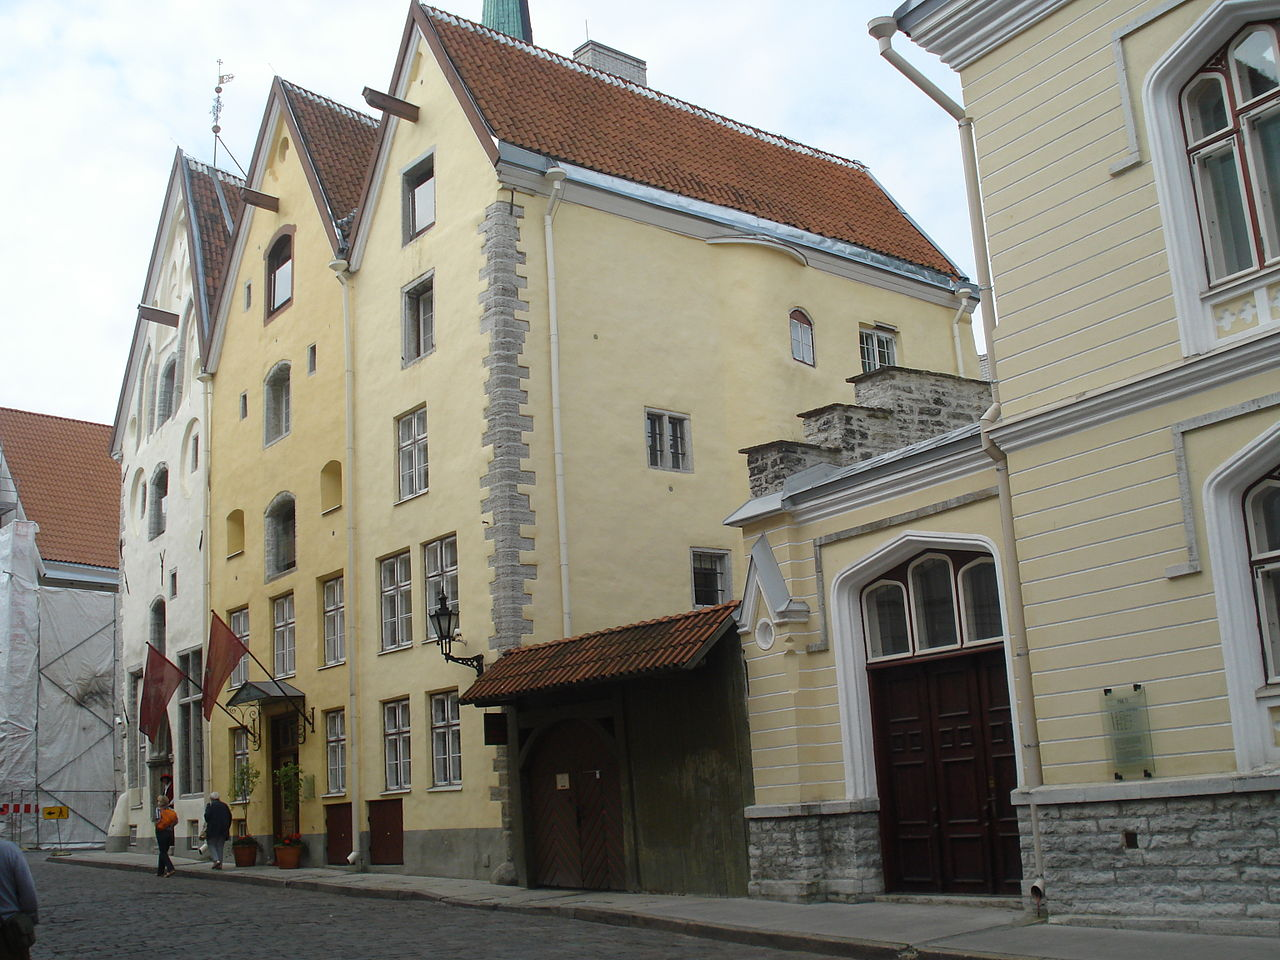 Нижний город Таллина, архитектурный ансамбль XIV века «Три сестры»